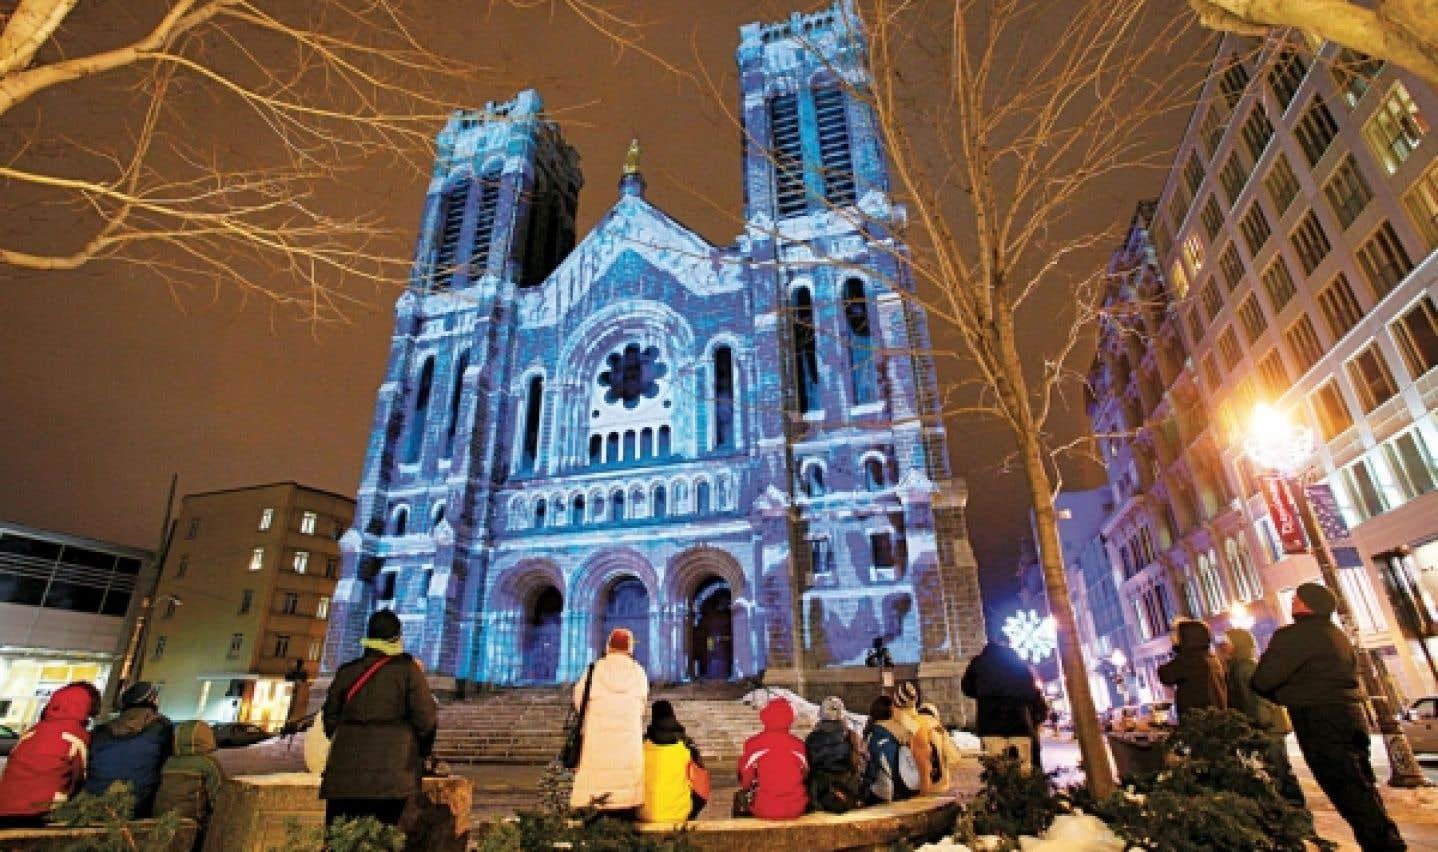 Les journées QuébecAdabra !, qui commencent le 20 décembre et se poursuivent jusqu'au 20 janvier, sont des animations de lumières uniques qui se déploient partout dans le Vieux-Québec.